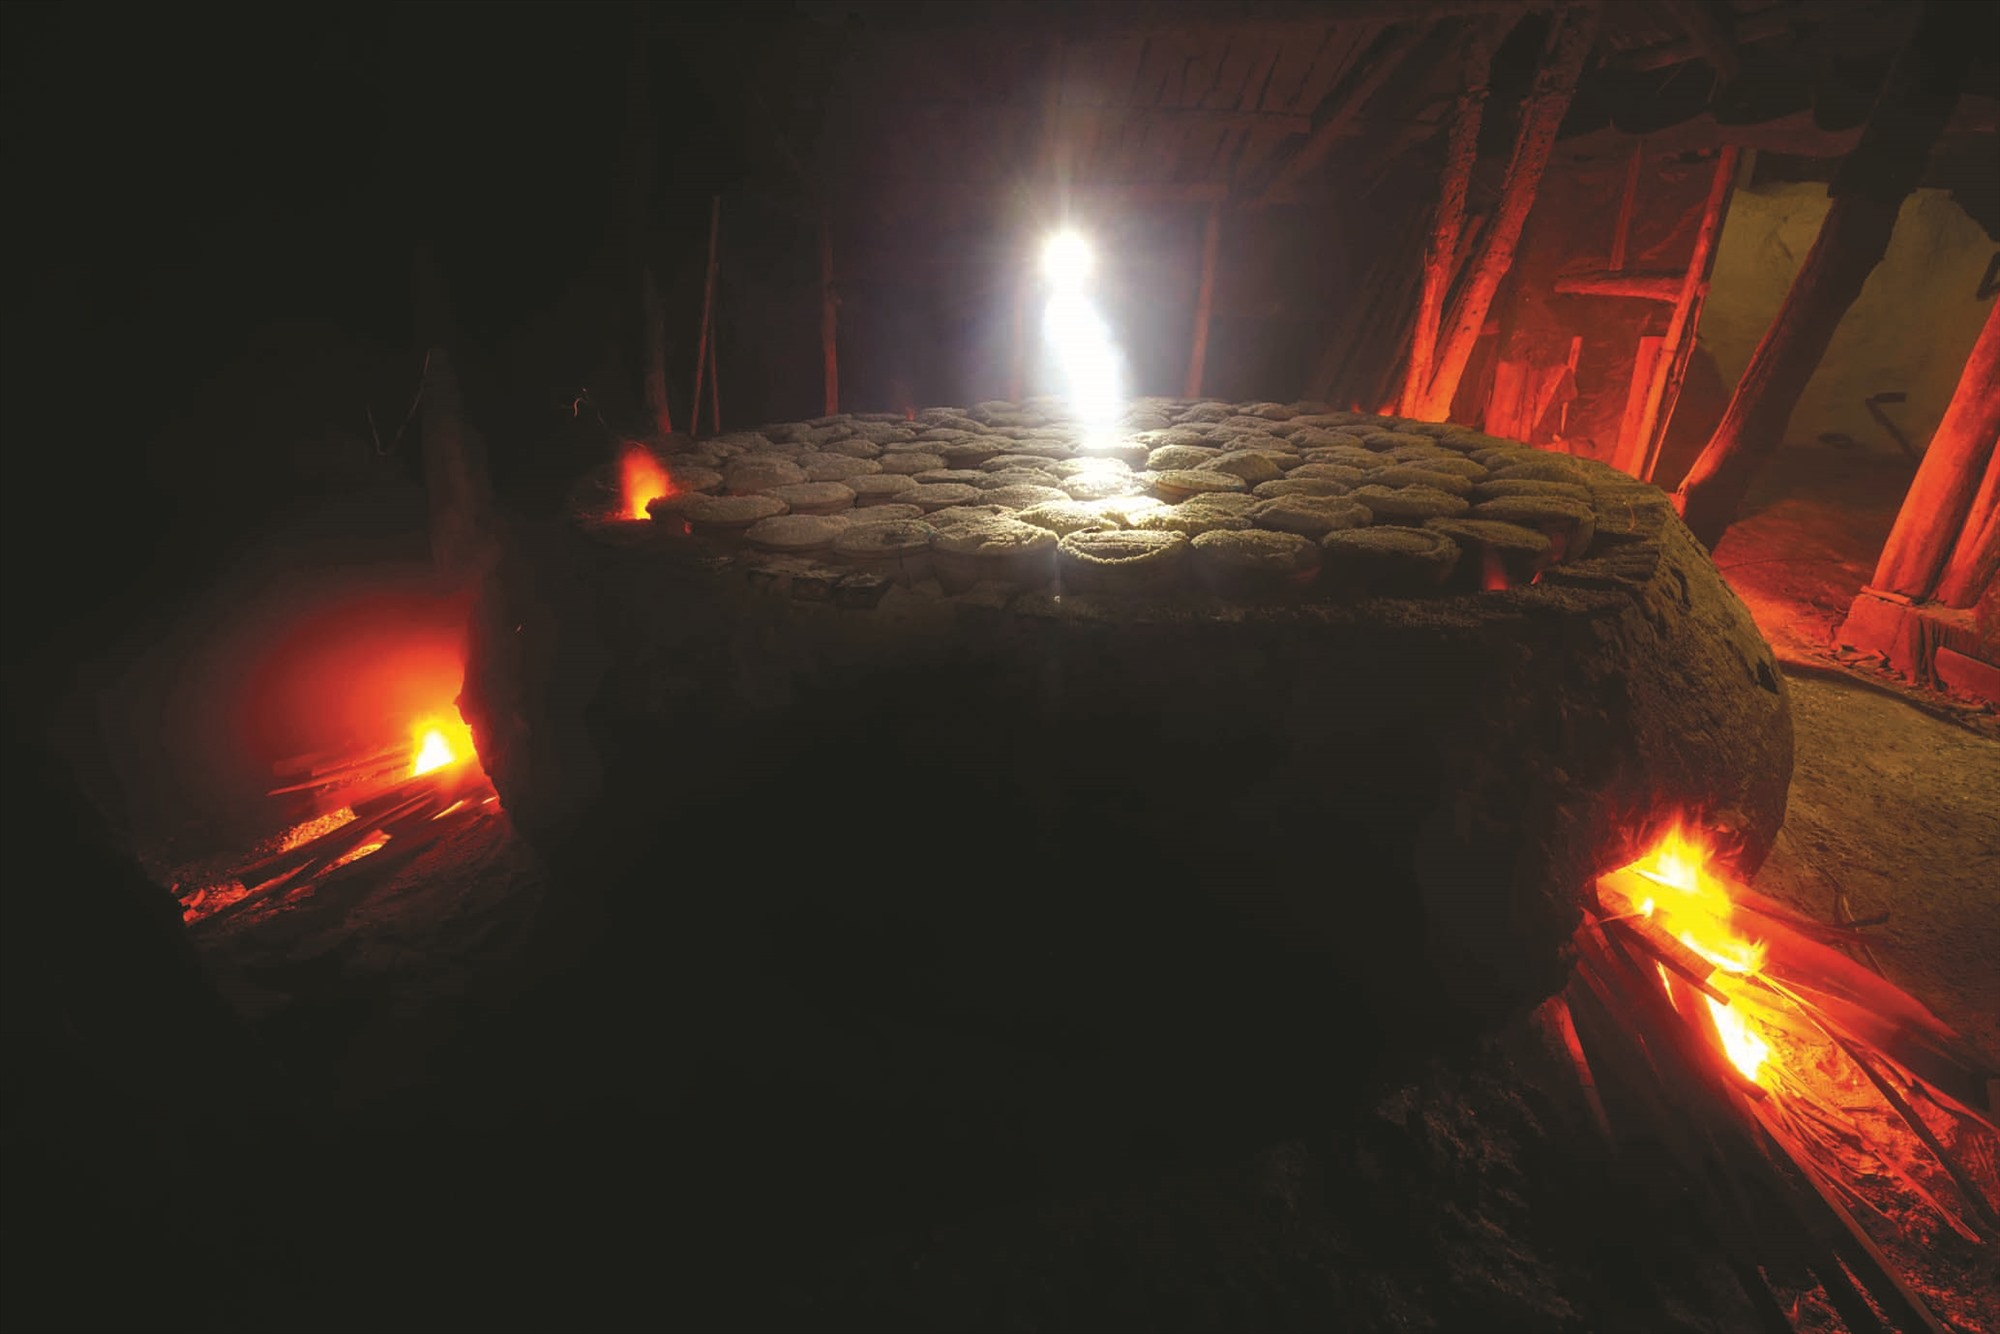 Lò hầm muối có ba cửa được chất đầy củi để đốt tạo nhiệt lượng lớn đảm bảo cho quá trình hầm muối. Ảnh: VÕ VIỆT